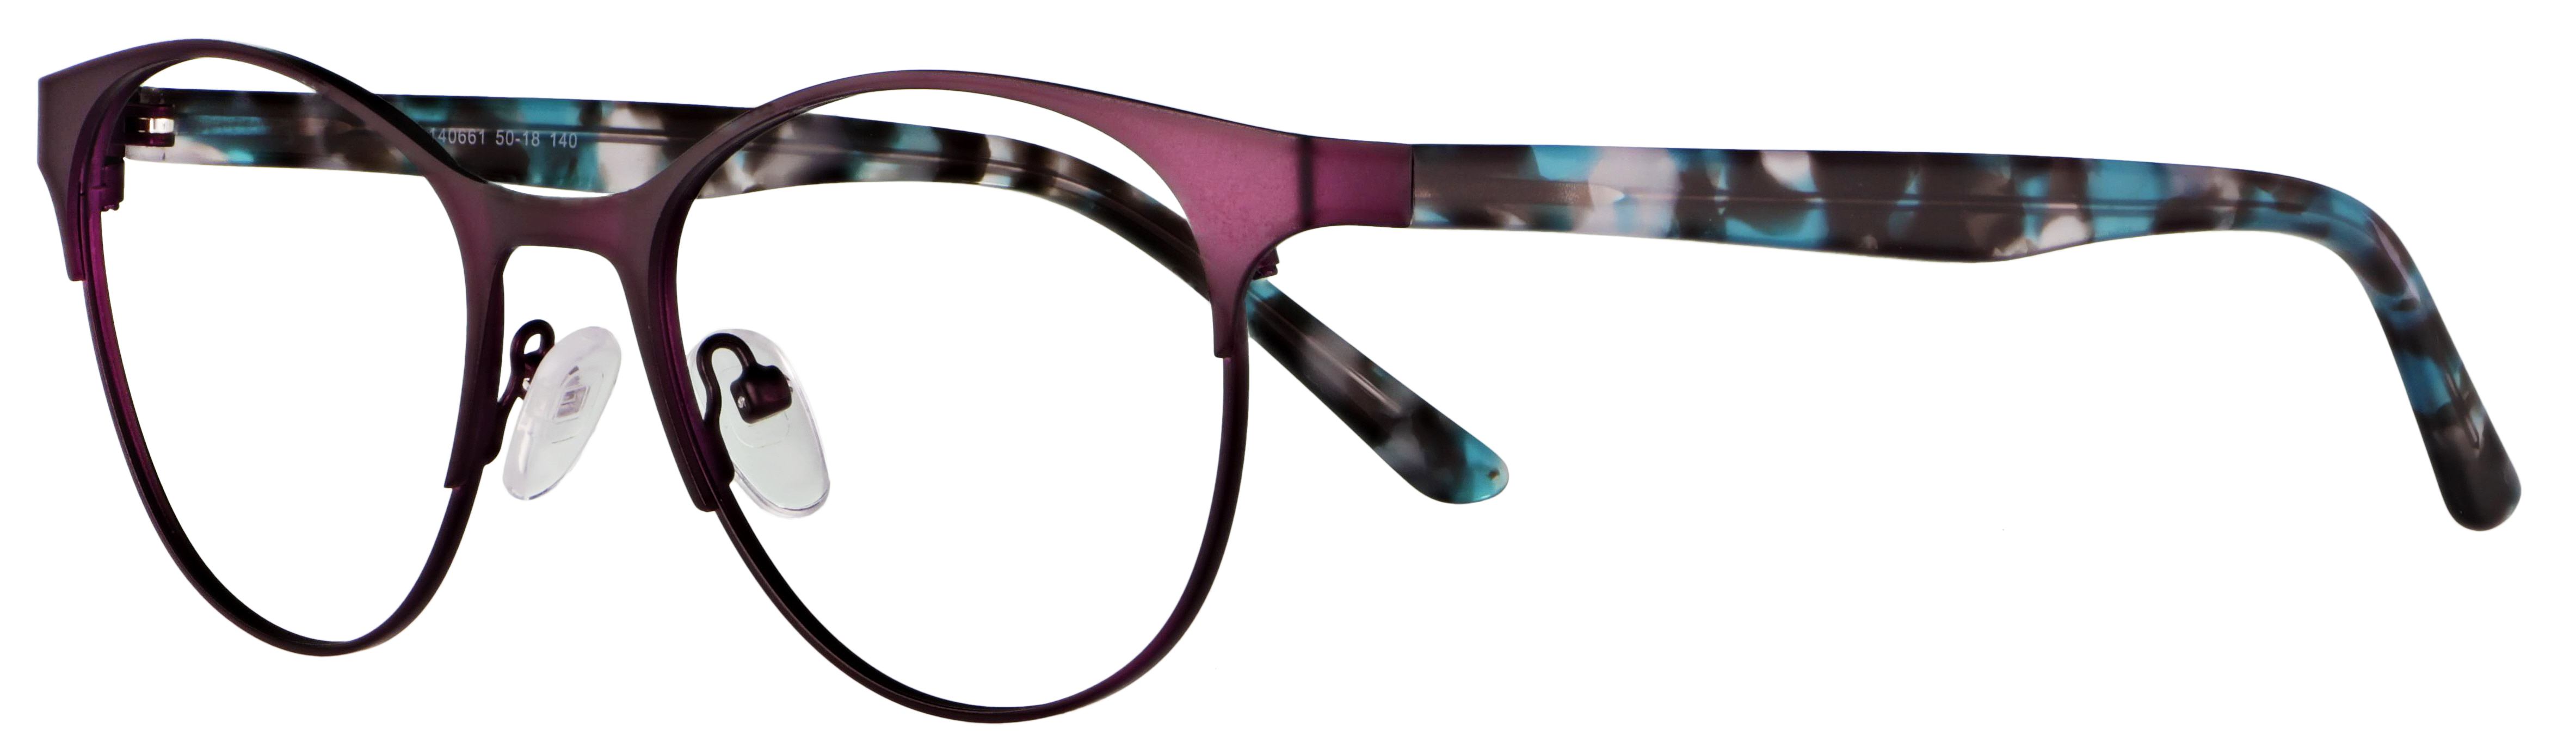 abele optik Brille 140661